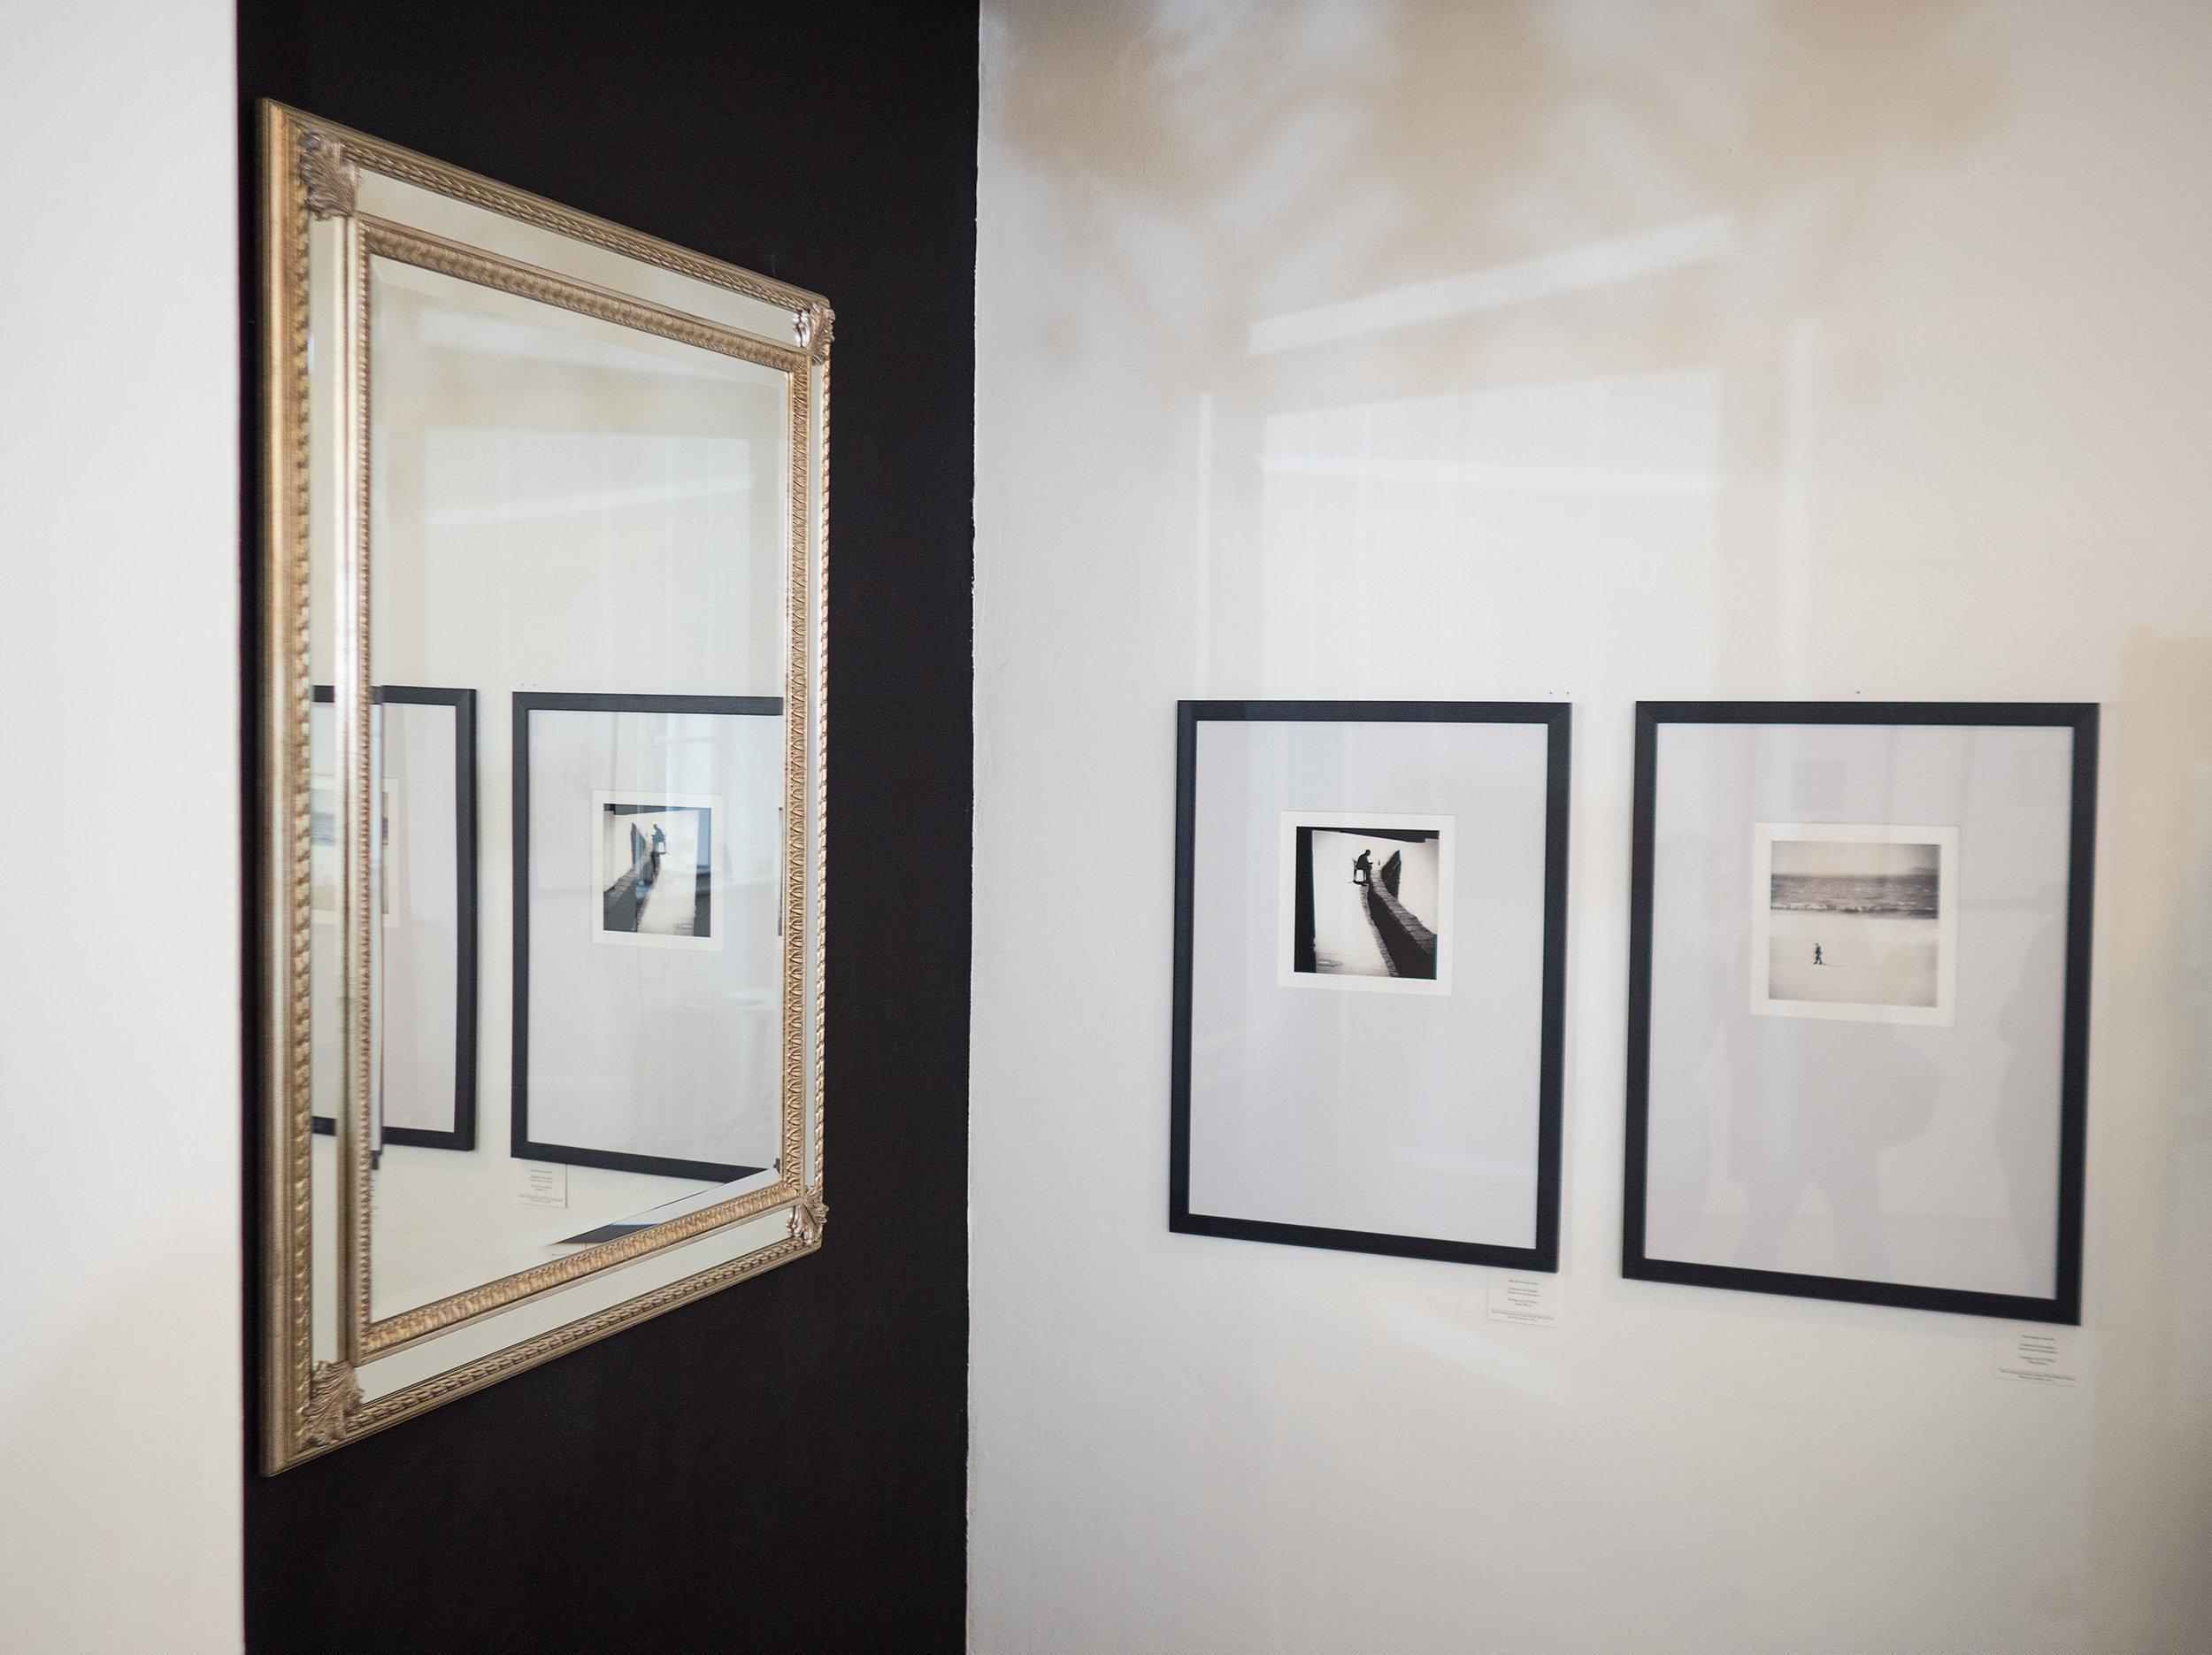 Galerie_LIK_deAngelis034.jpg